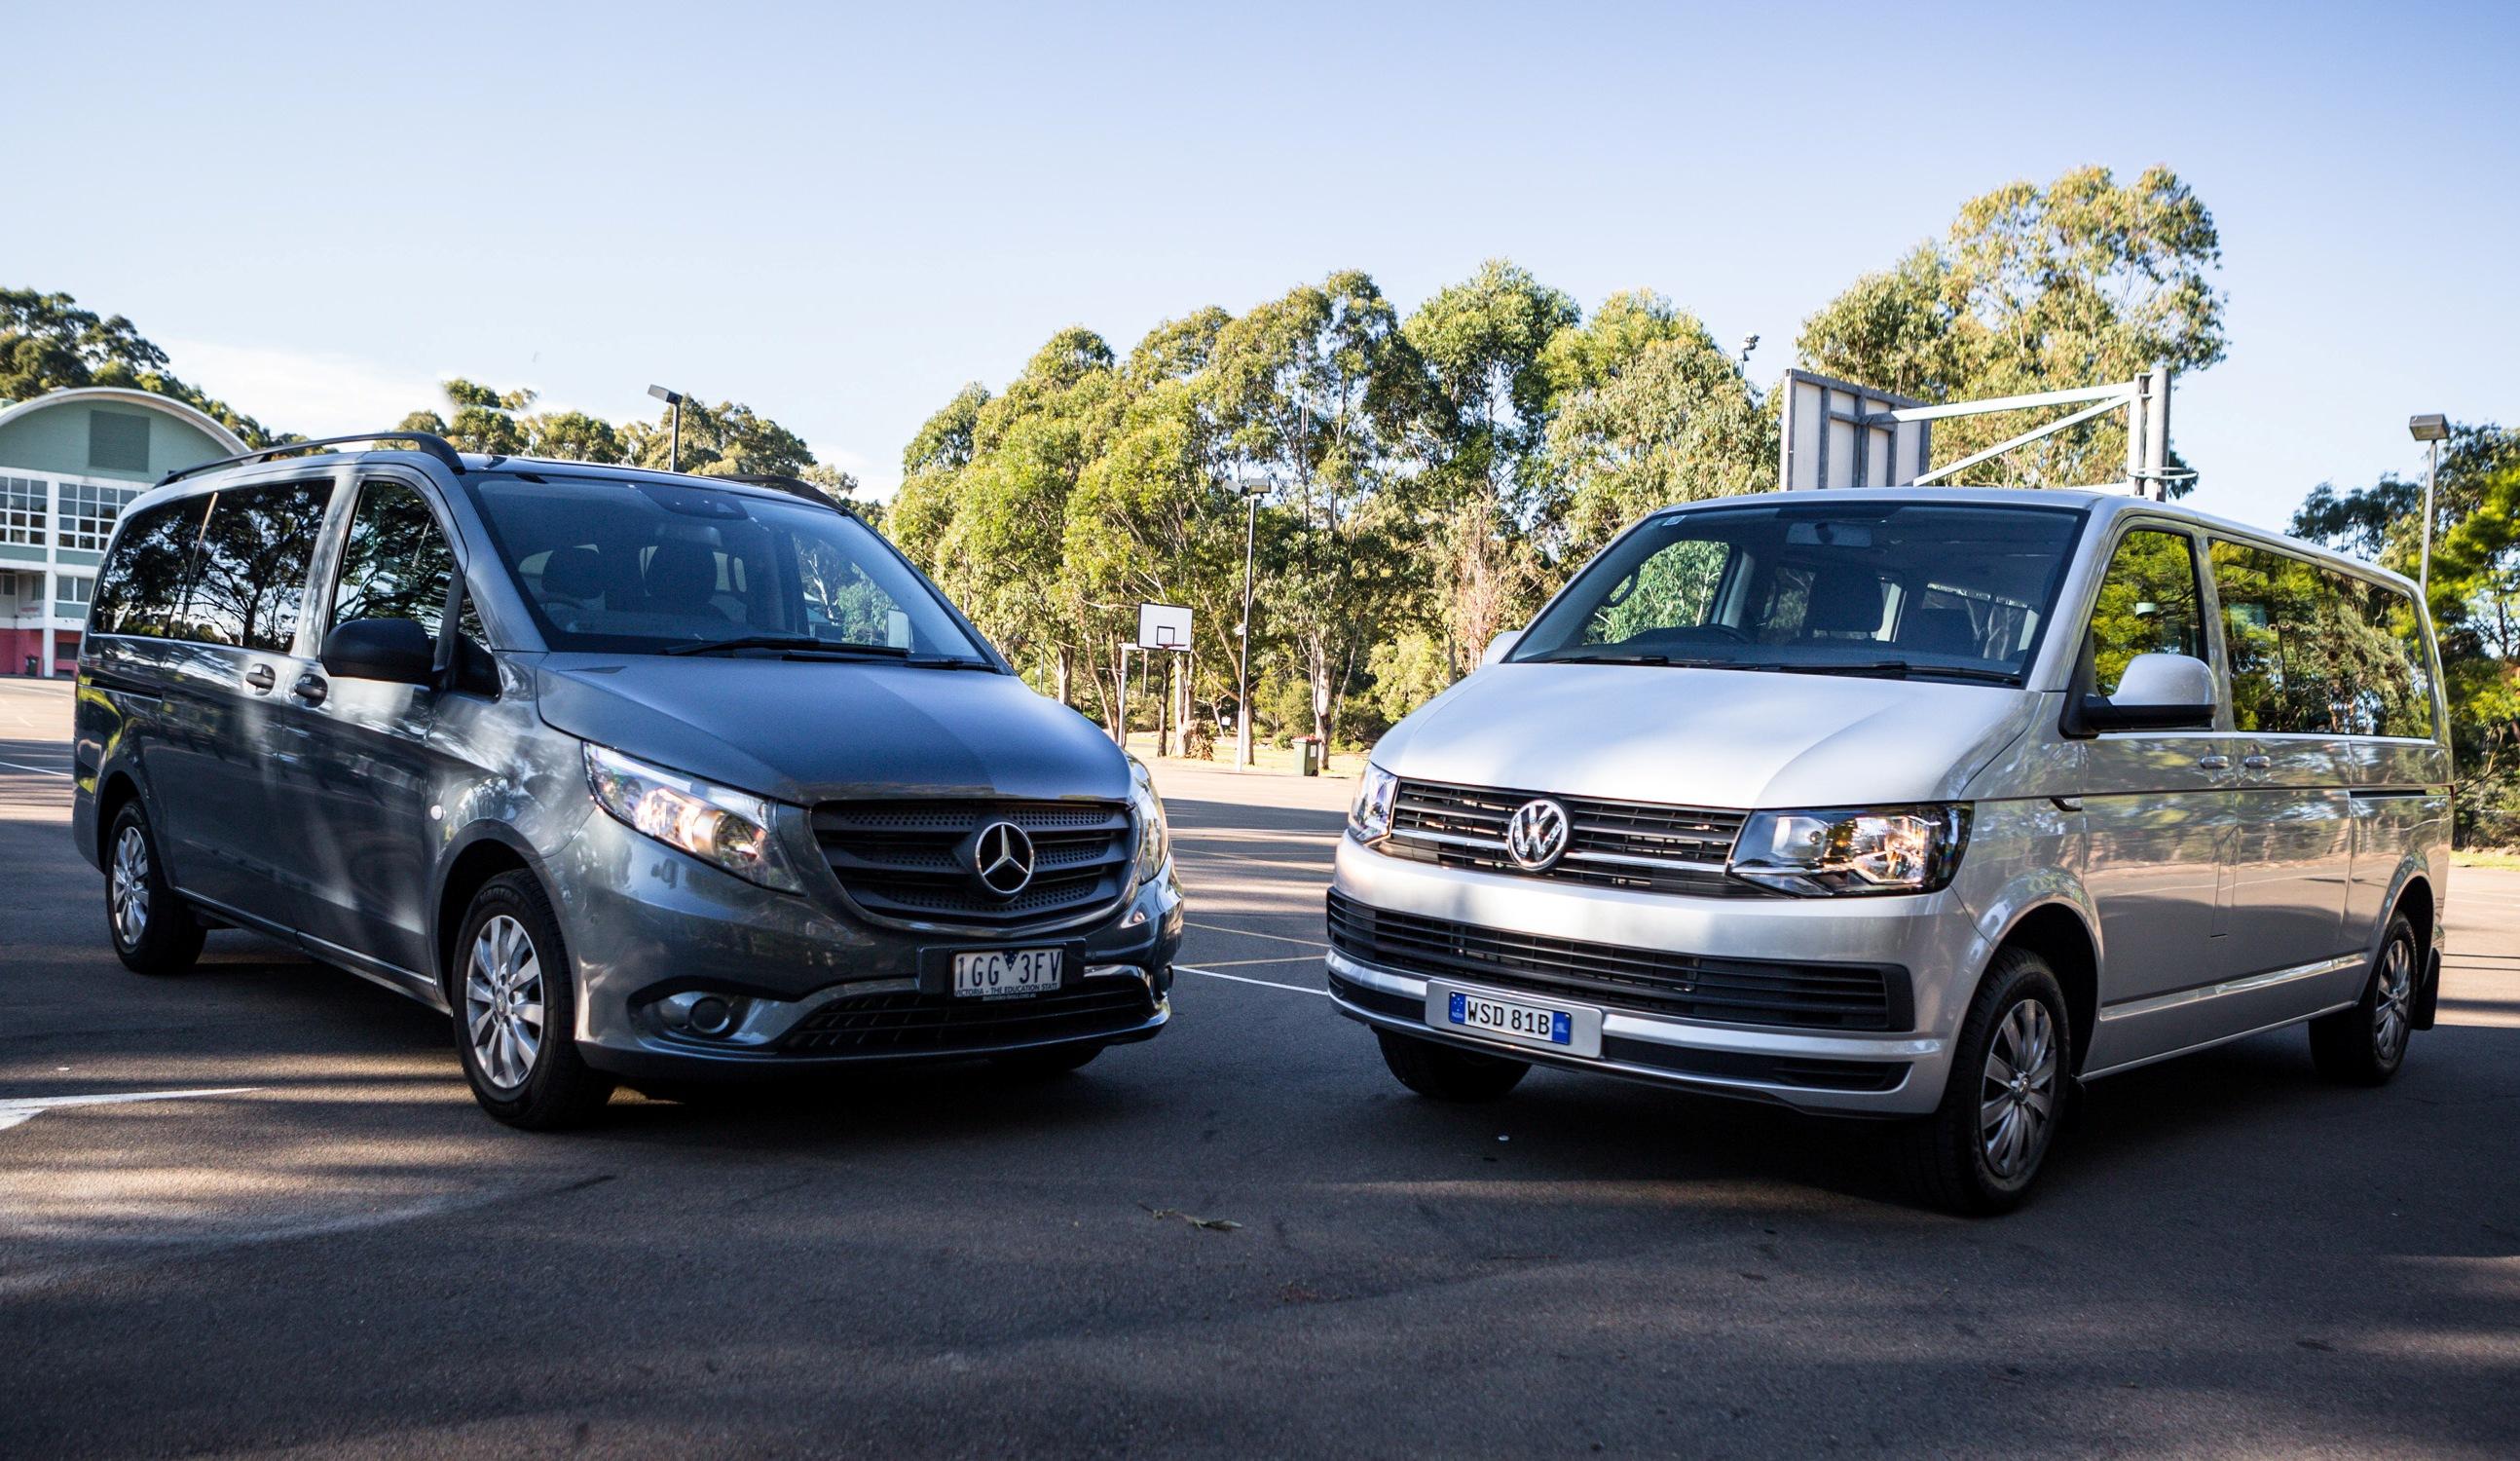 Mercedes benz valente vs volkswagen caravelle comparison for Mercedes benz volkswagen